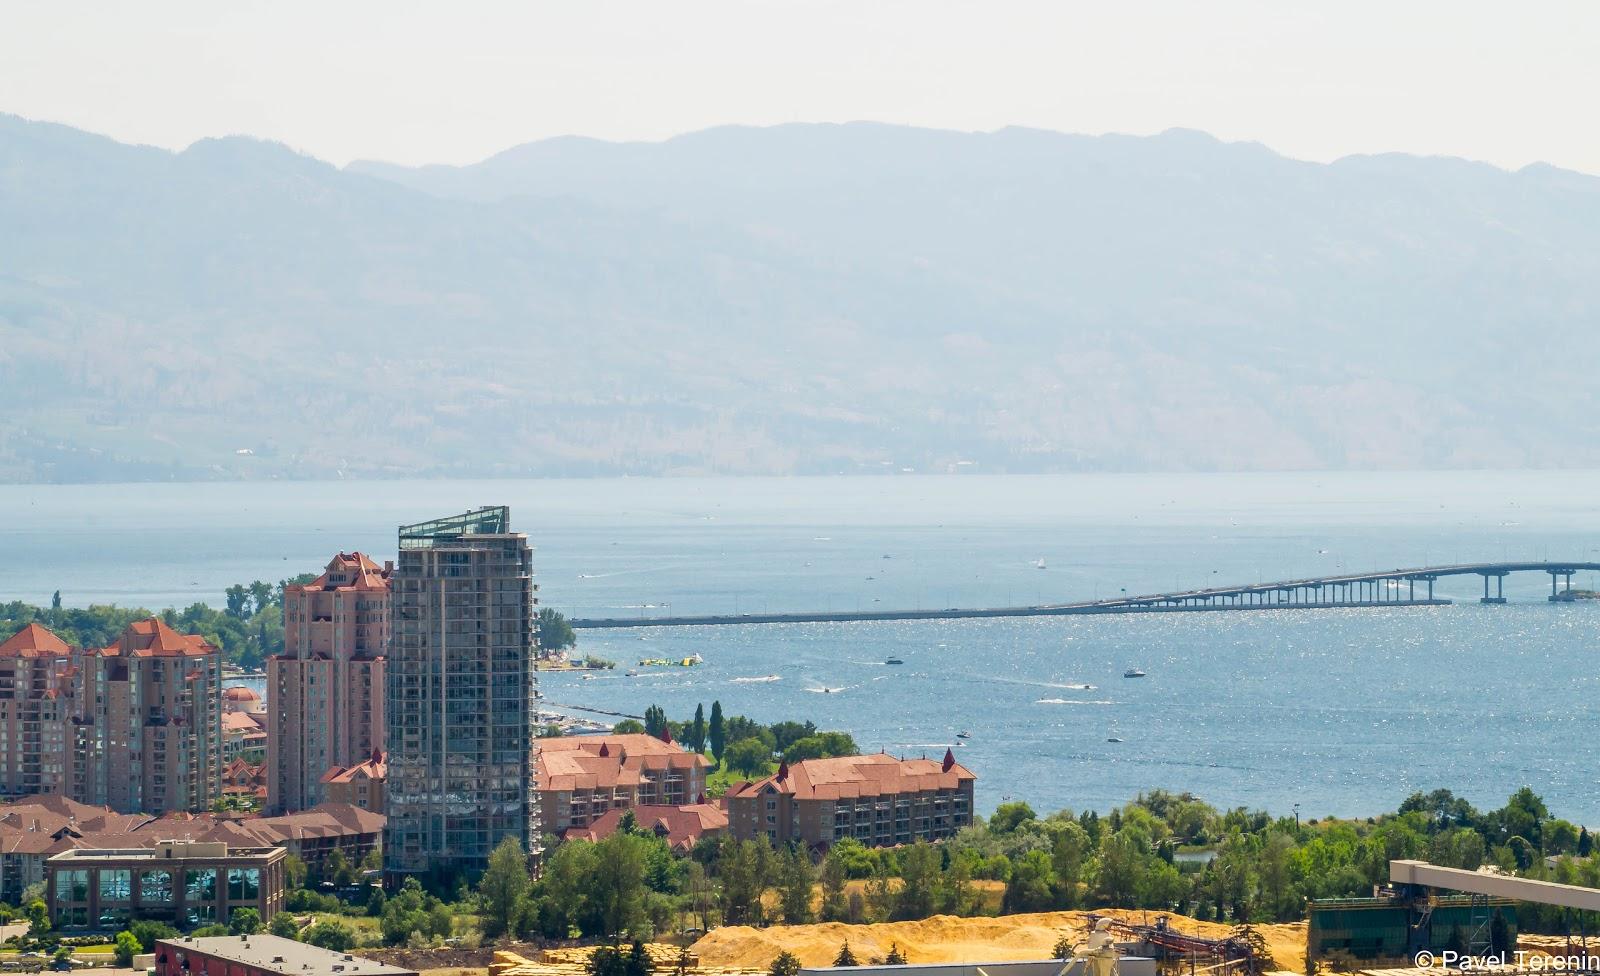 С обзорной полощадки горы Нокс можно насладится панорамным видом на центр города.